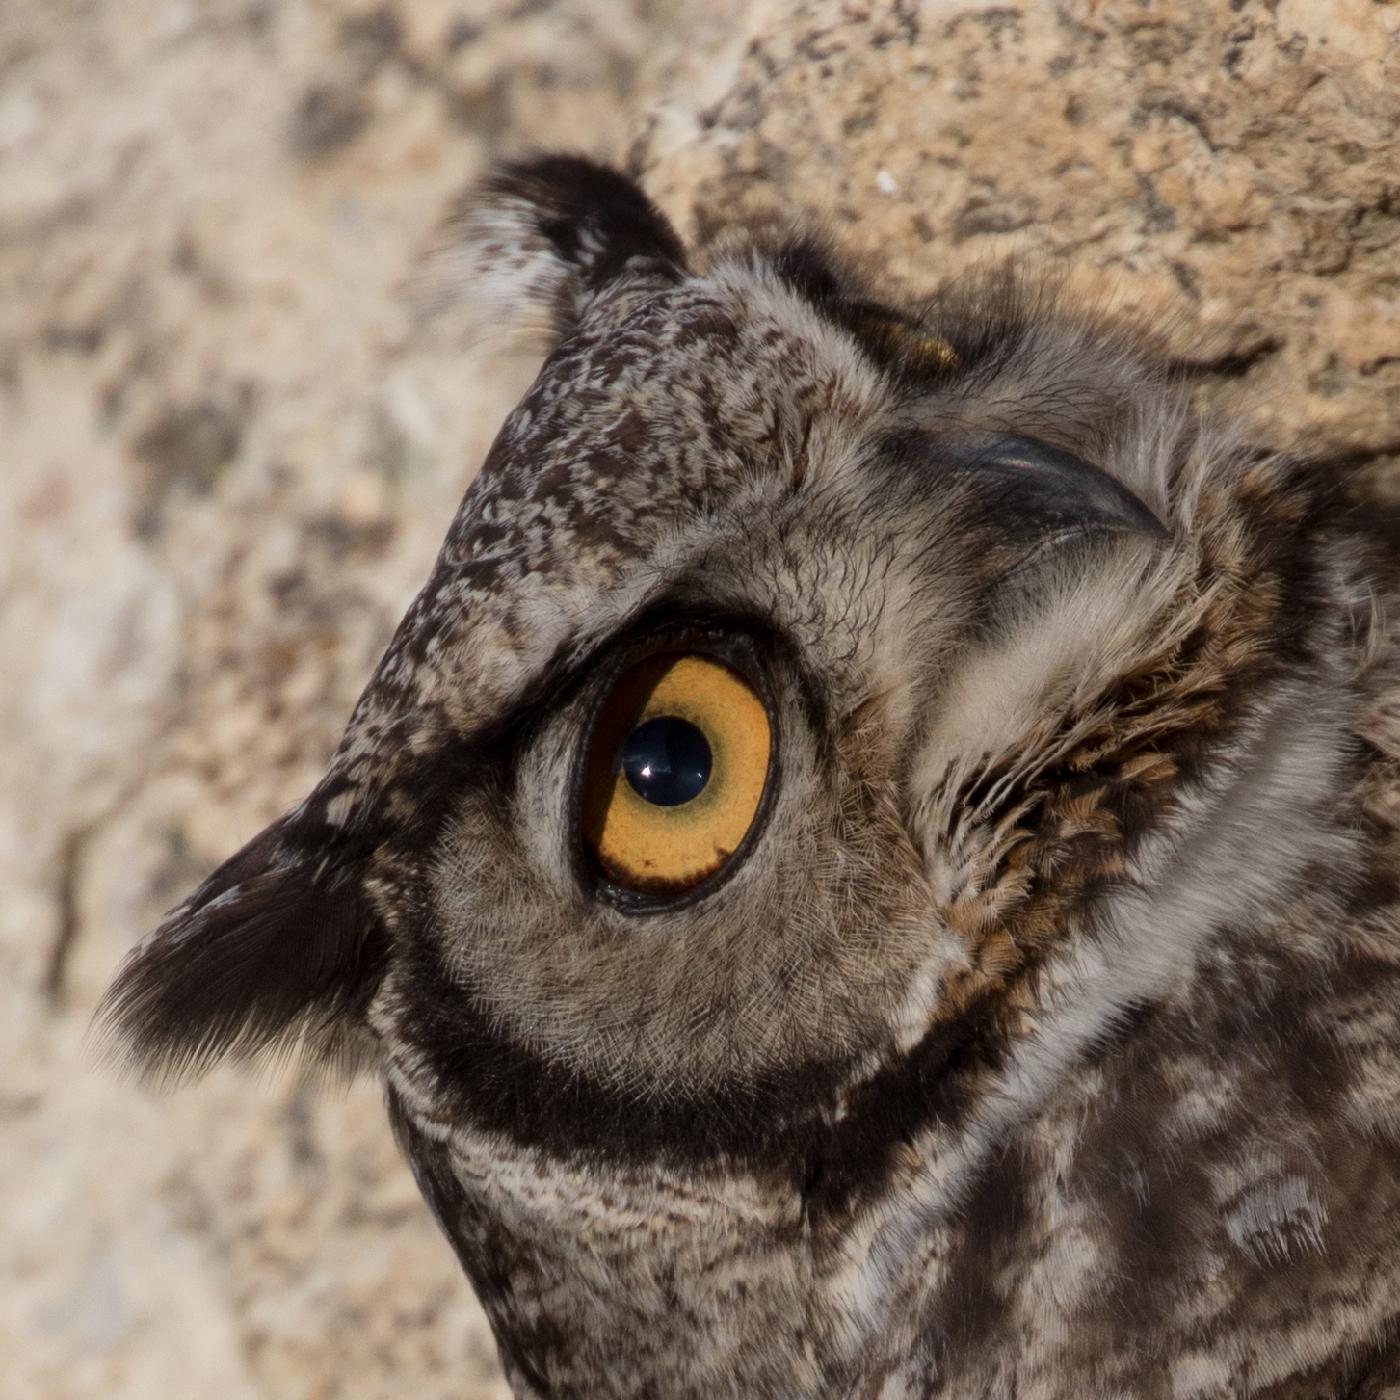 Magelanic horned owl